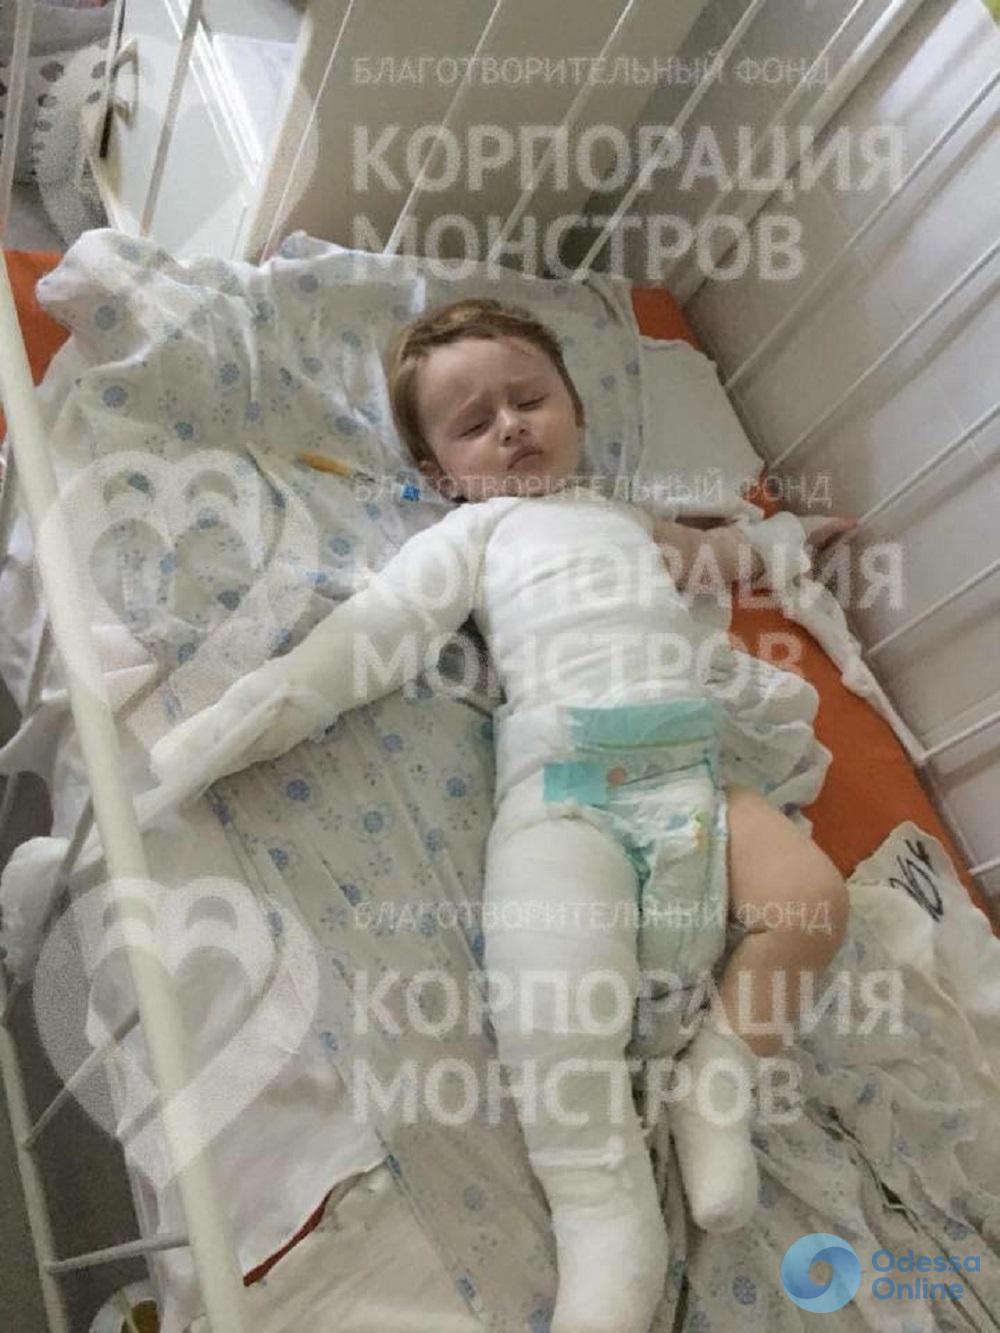 Обварился кипятком: в Одессе прооперировали 9-месячного мальчика